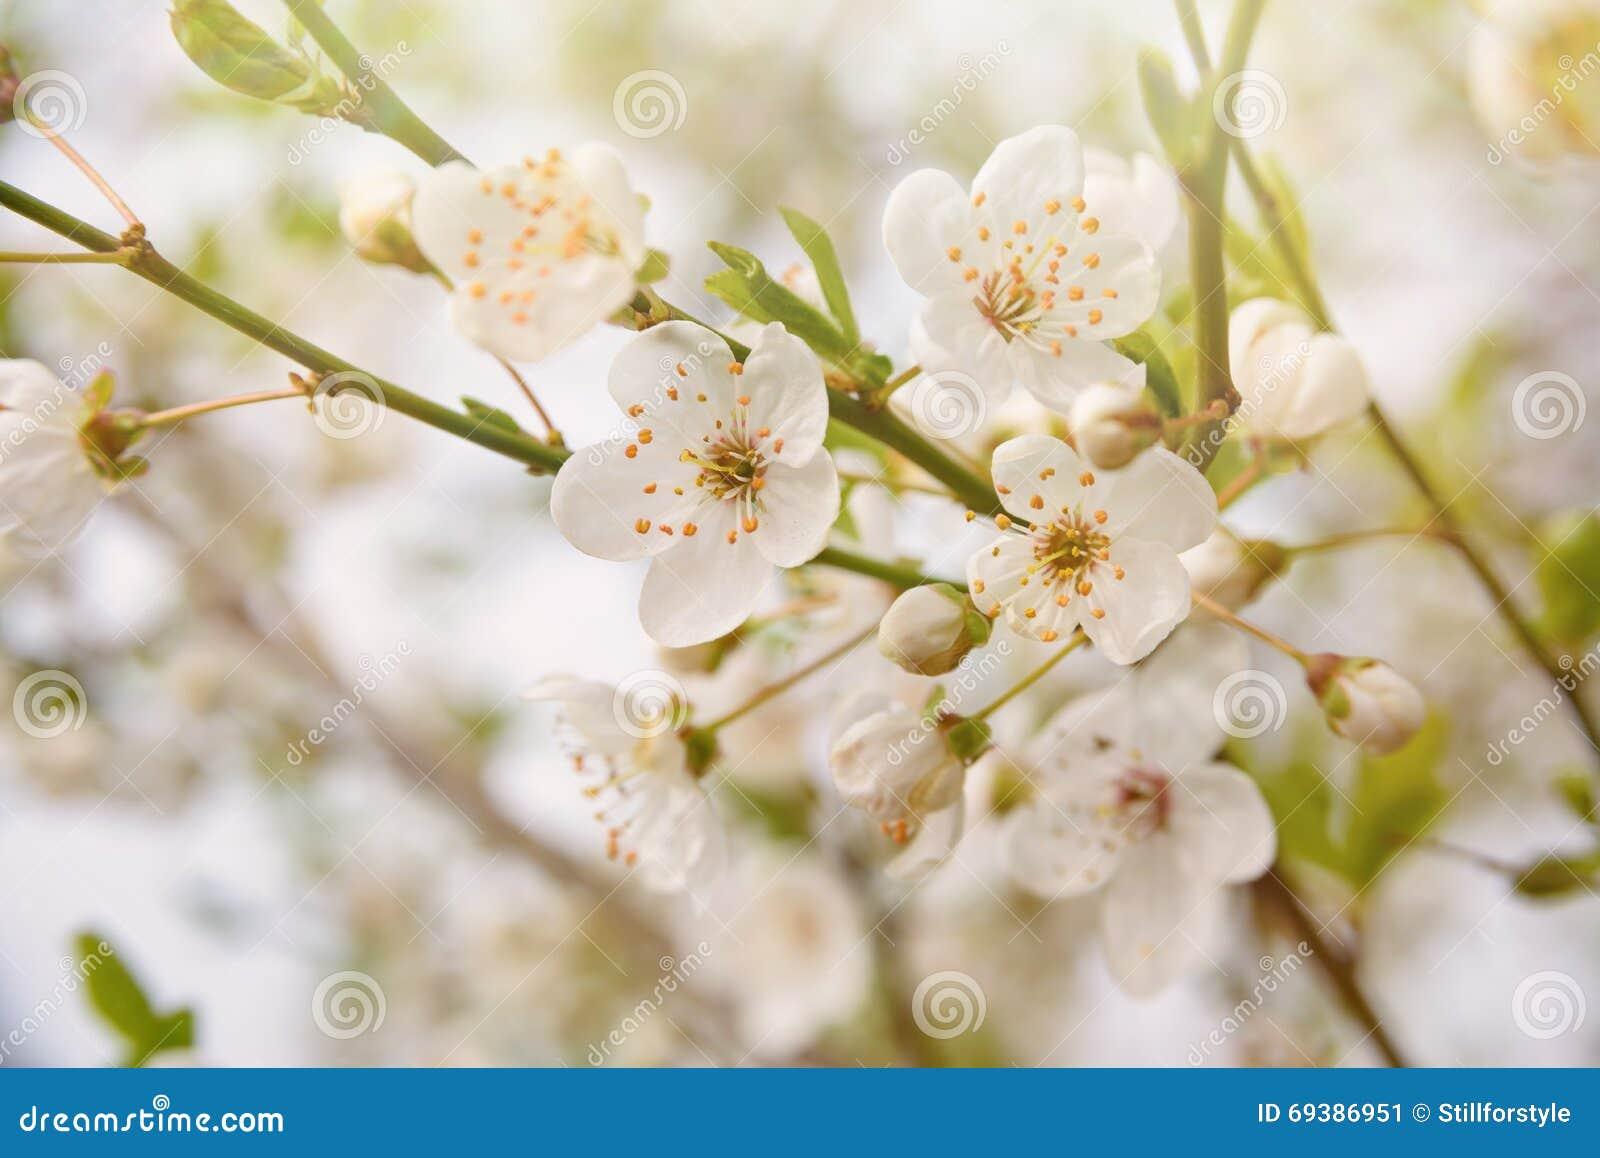 Carta da parati di fioritura dell 39 albero della primavera for Carta da parati con fiori